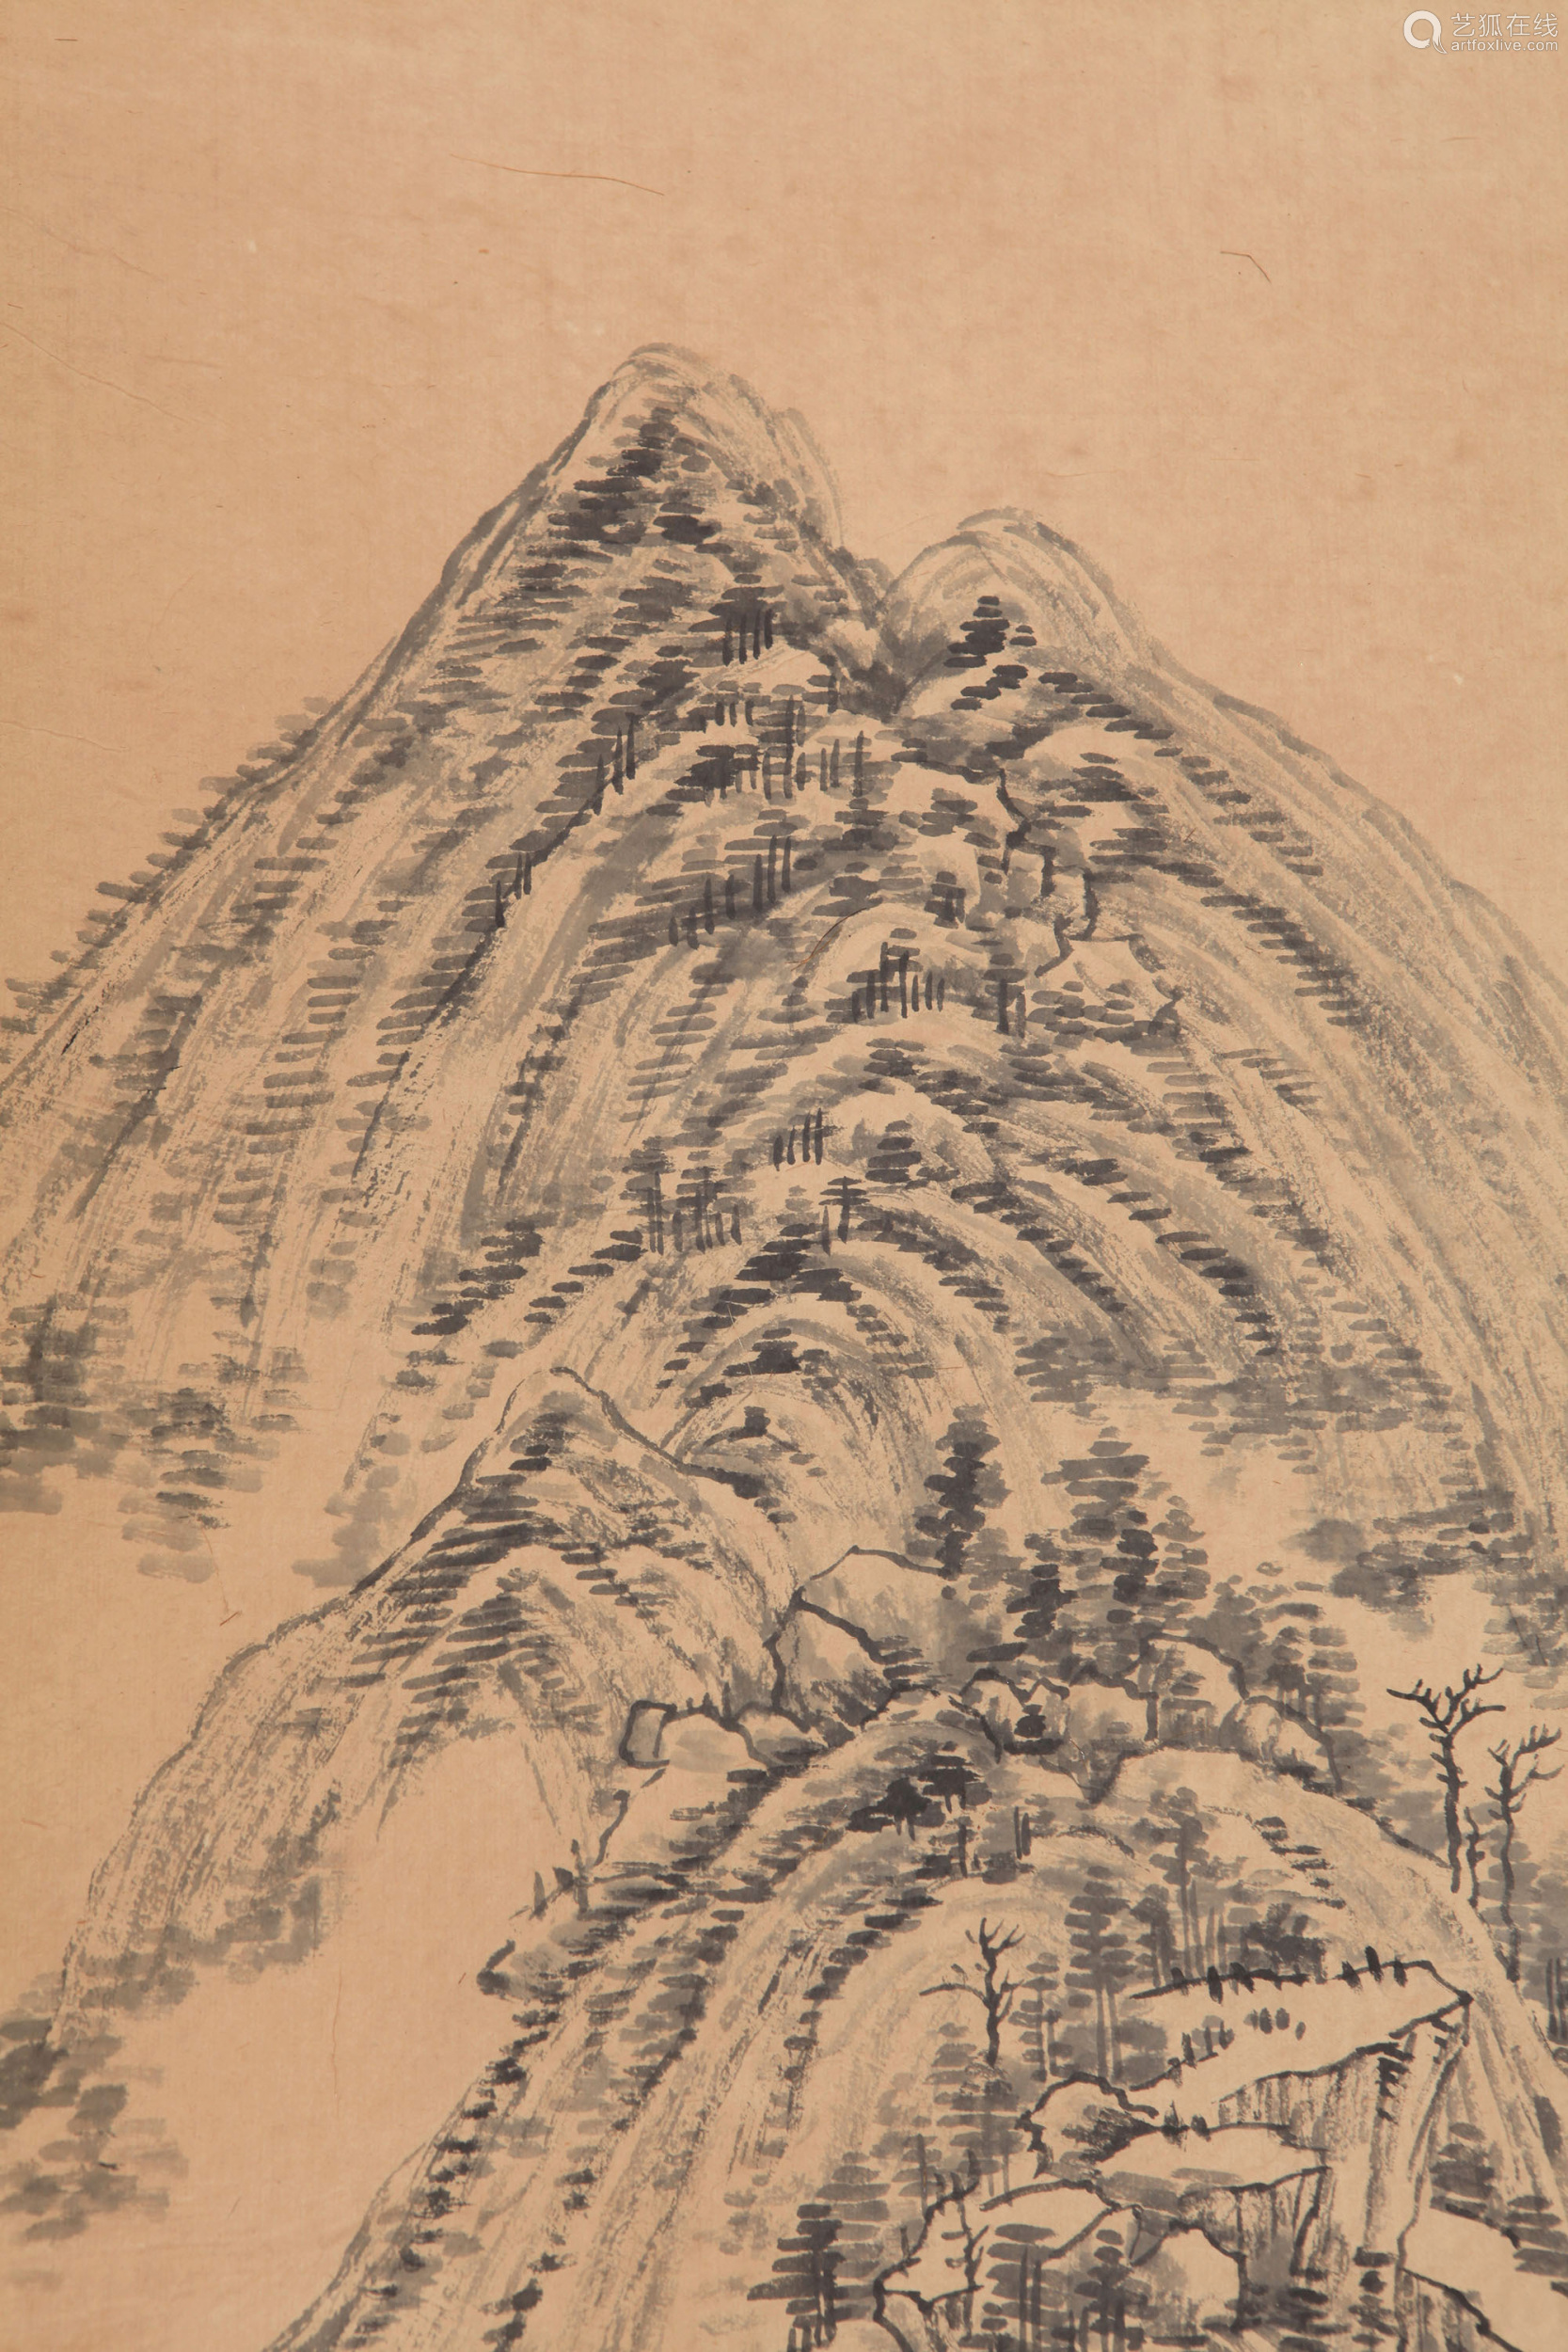 Zhang Zongcang - Mountain Scenery Shan Shui Painting